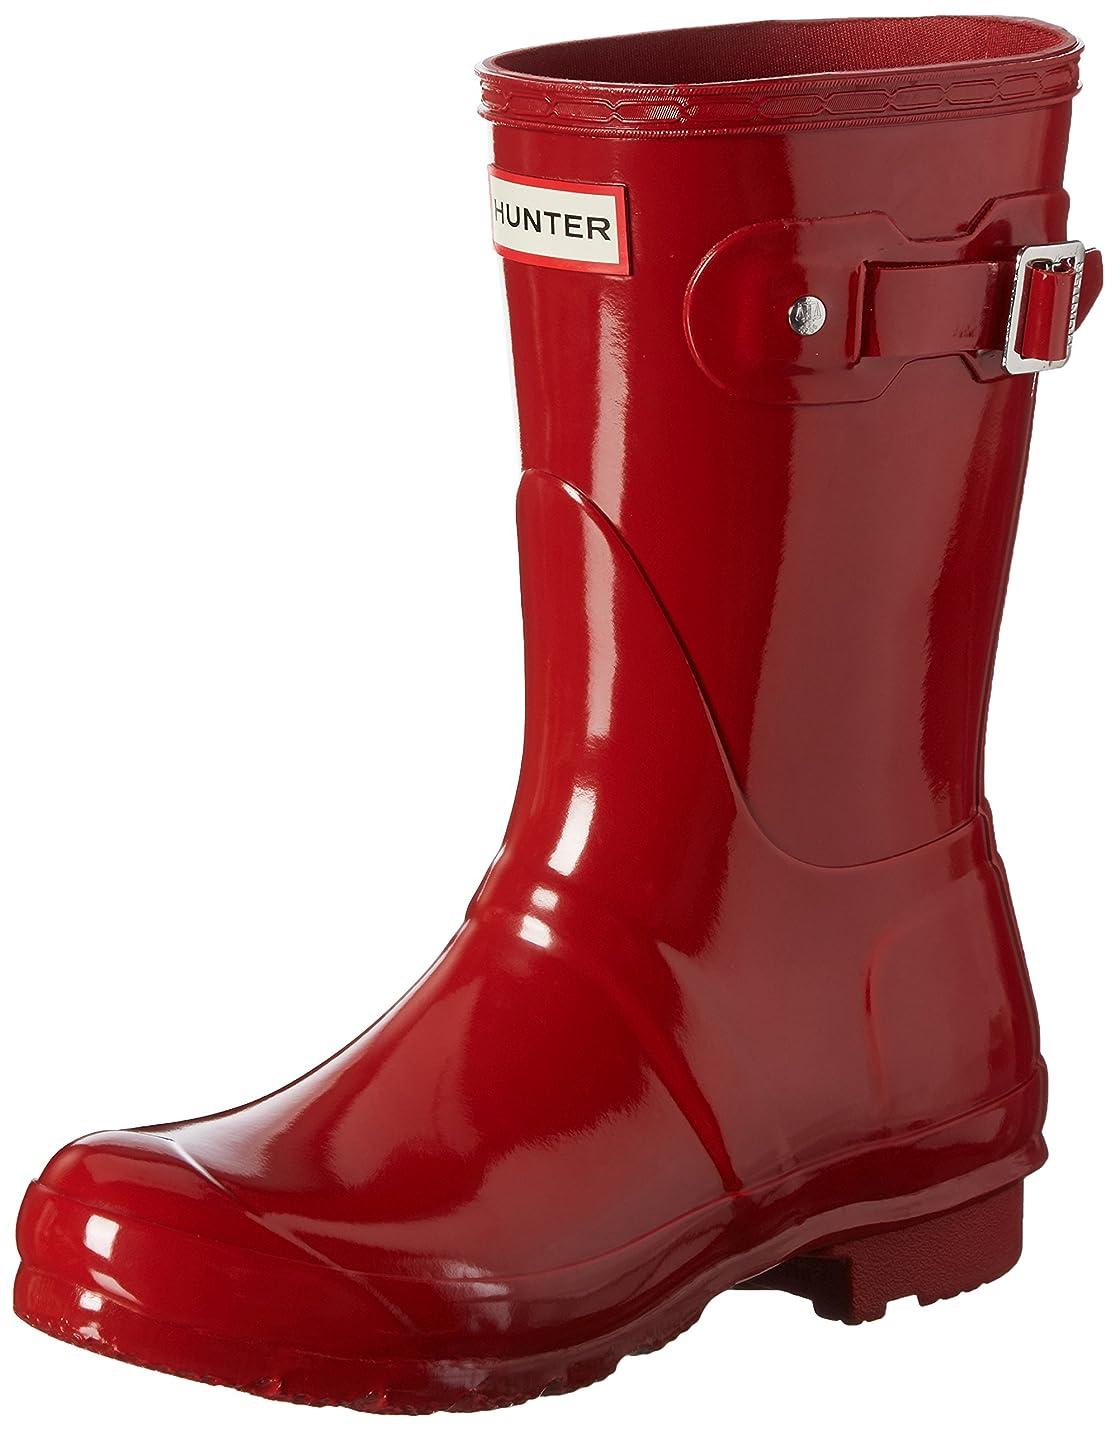 たぶんマチュピチュの配列[ハンター] Women's Original Short Gloss Military Red Mid-Calf Rubber Rain Boot - 10M